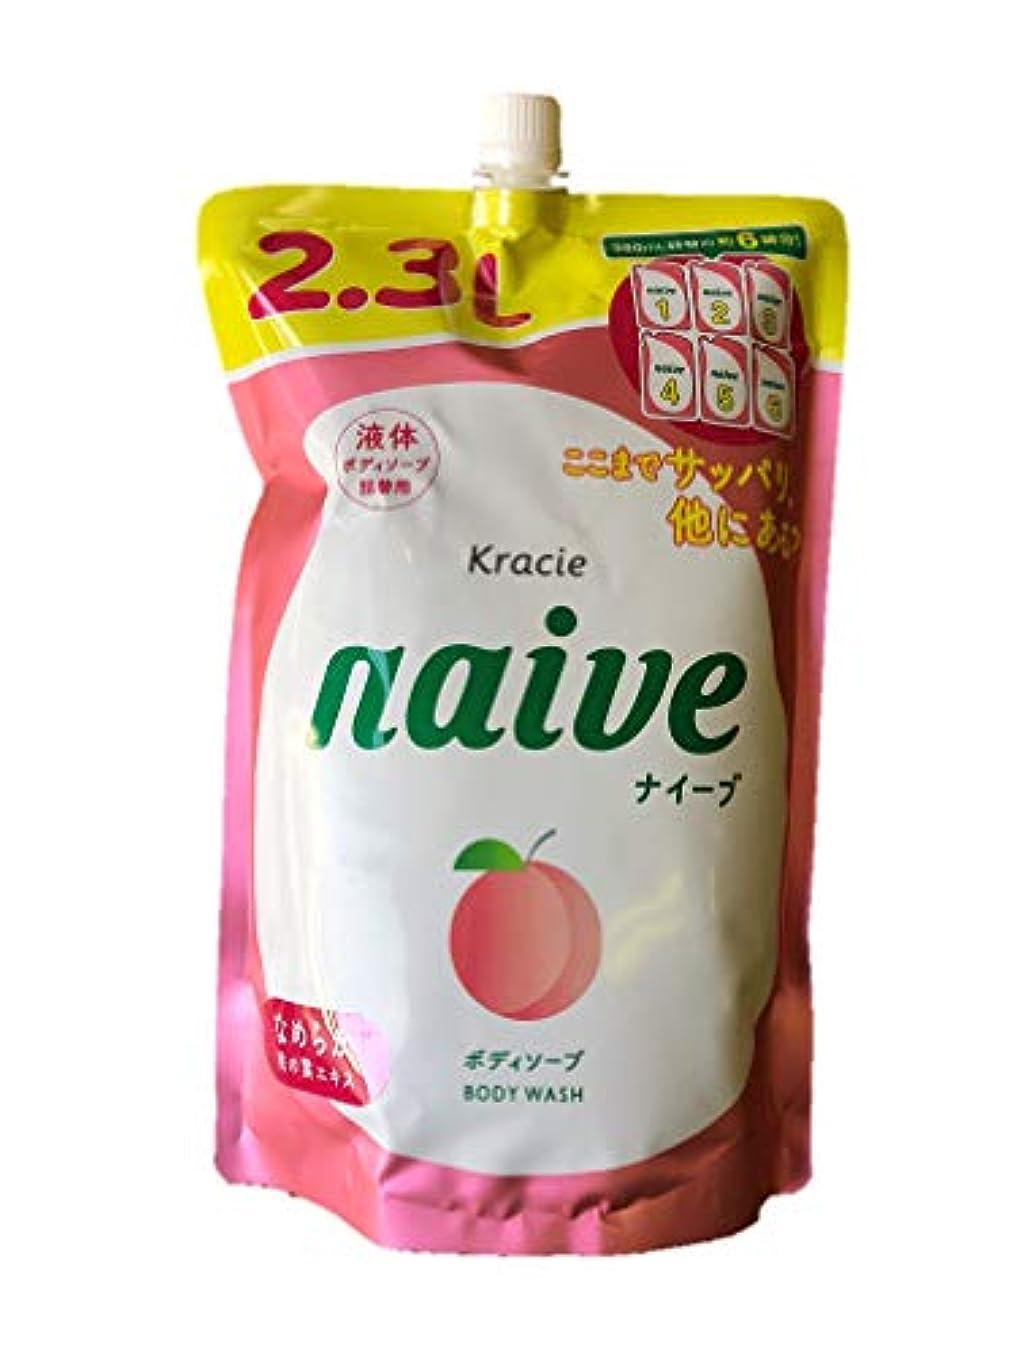 タンクつま先ペッカディロ【大容量2.3L】ナイーブ 植物性ボディーソープ 自然でやさしい桃の香り 2300ml